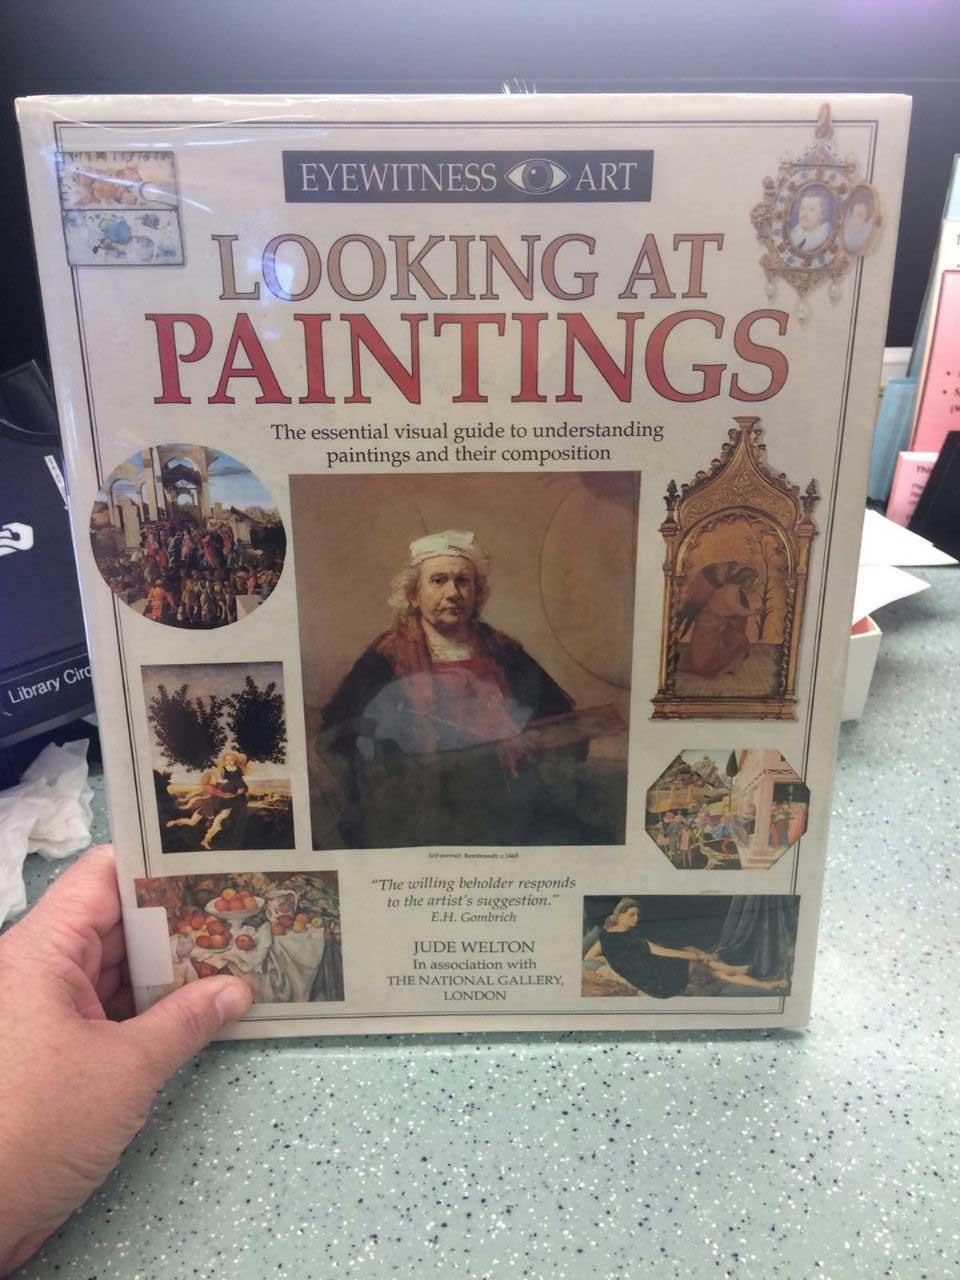 So absurd wurde ein Kunstbuch in einer christlichen Schule zensiert looking-at-paintings-christliche-zensur_01